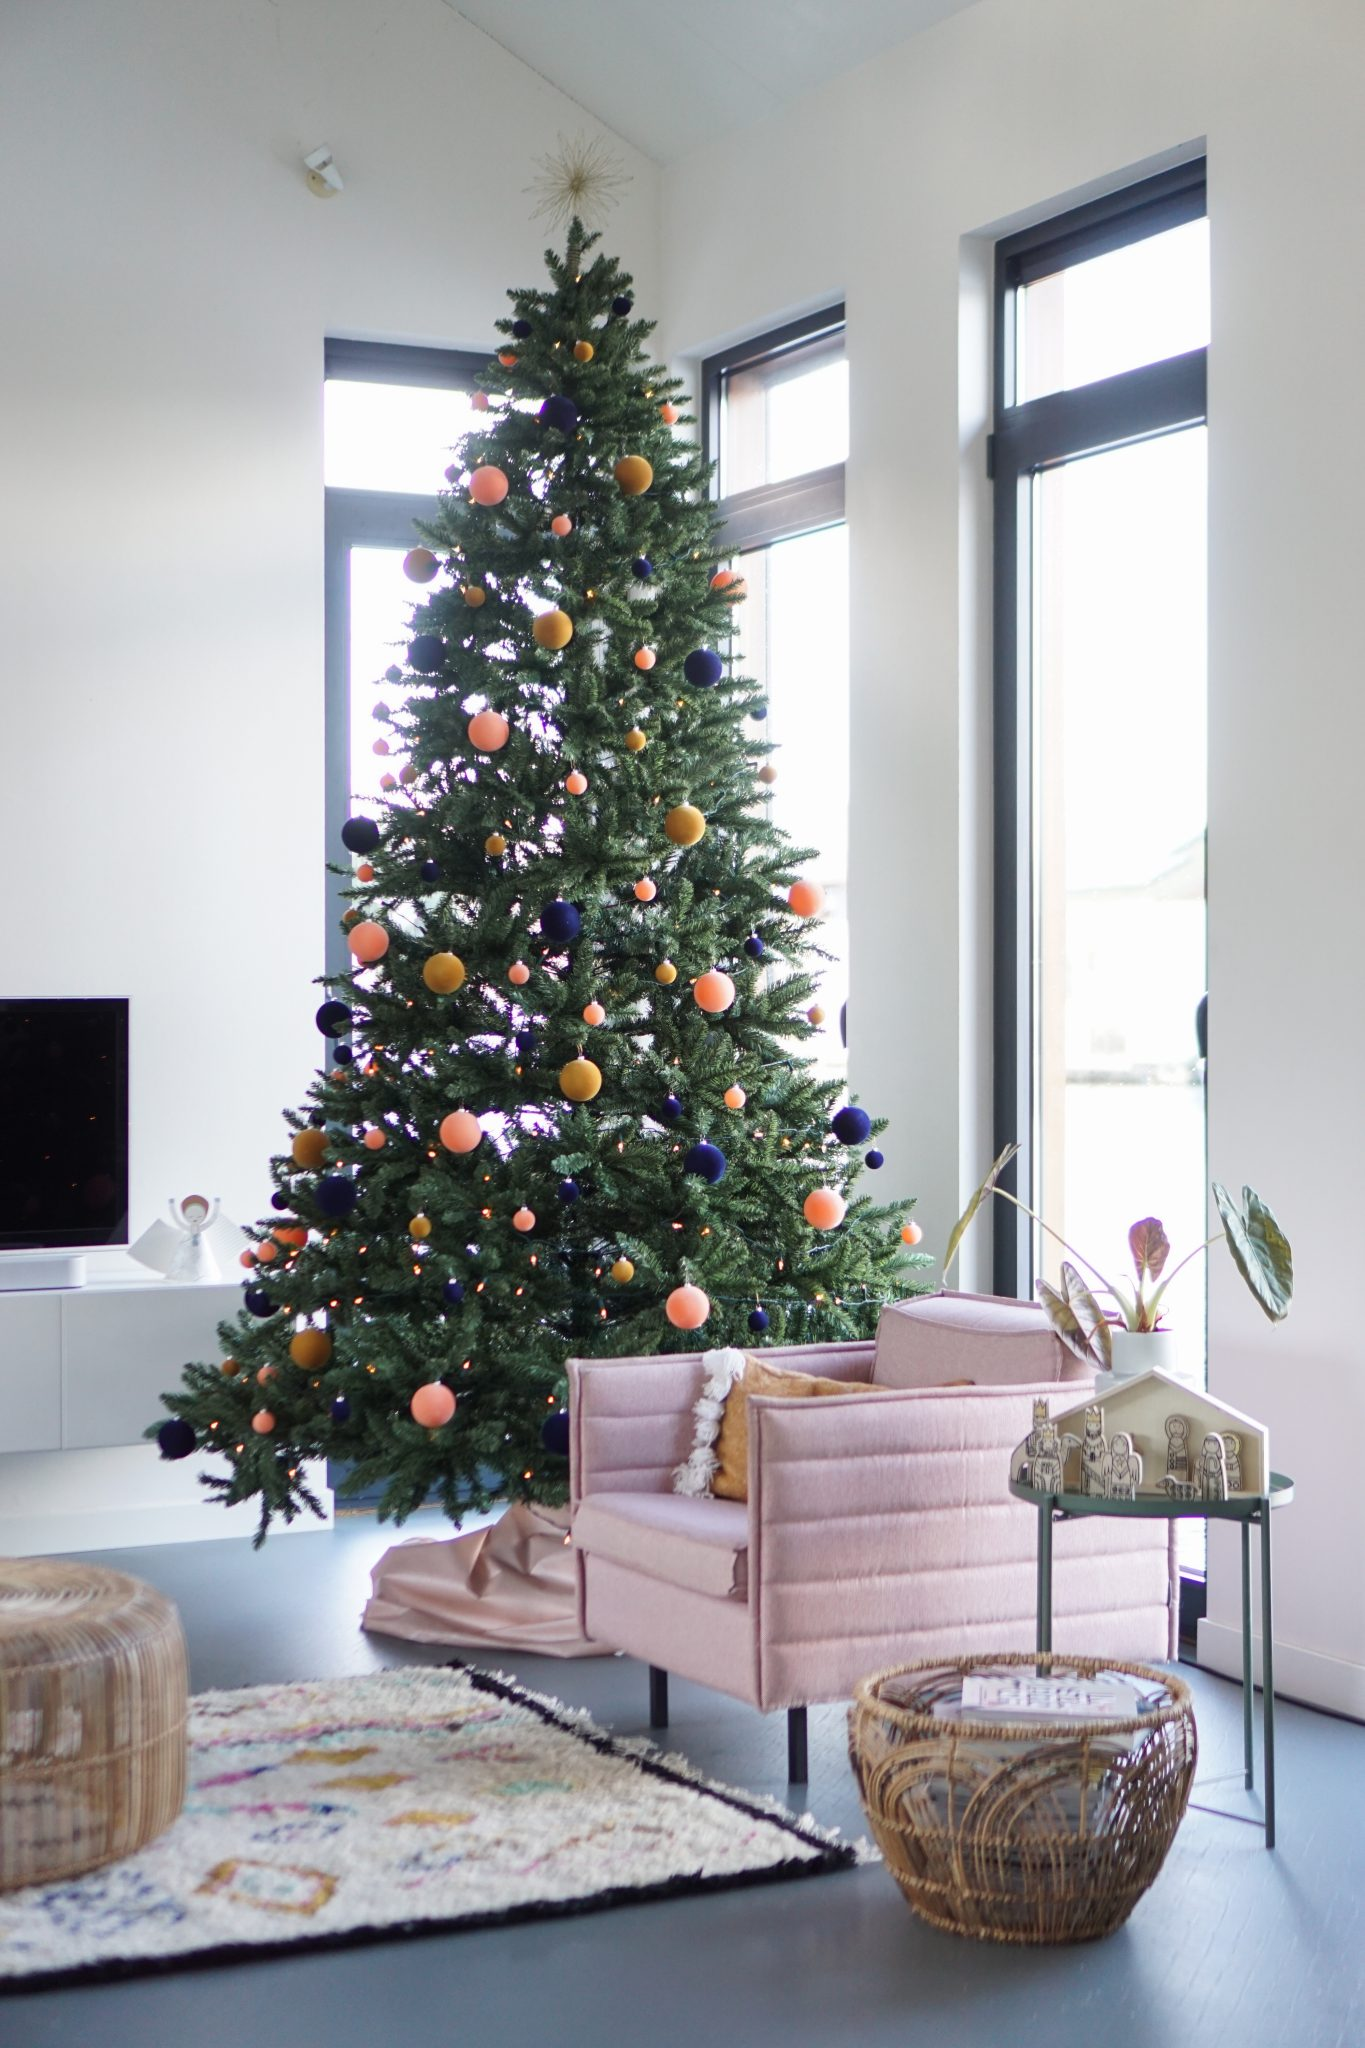 grote kerstboom in huis